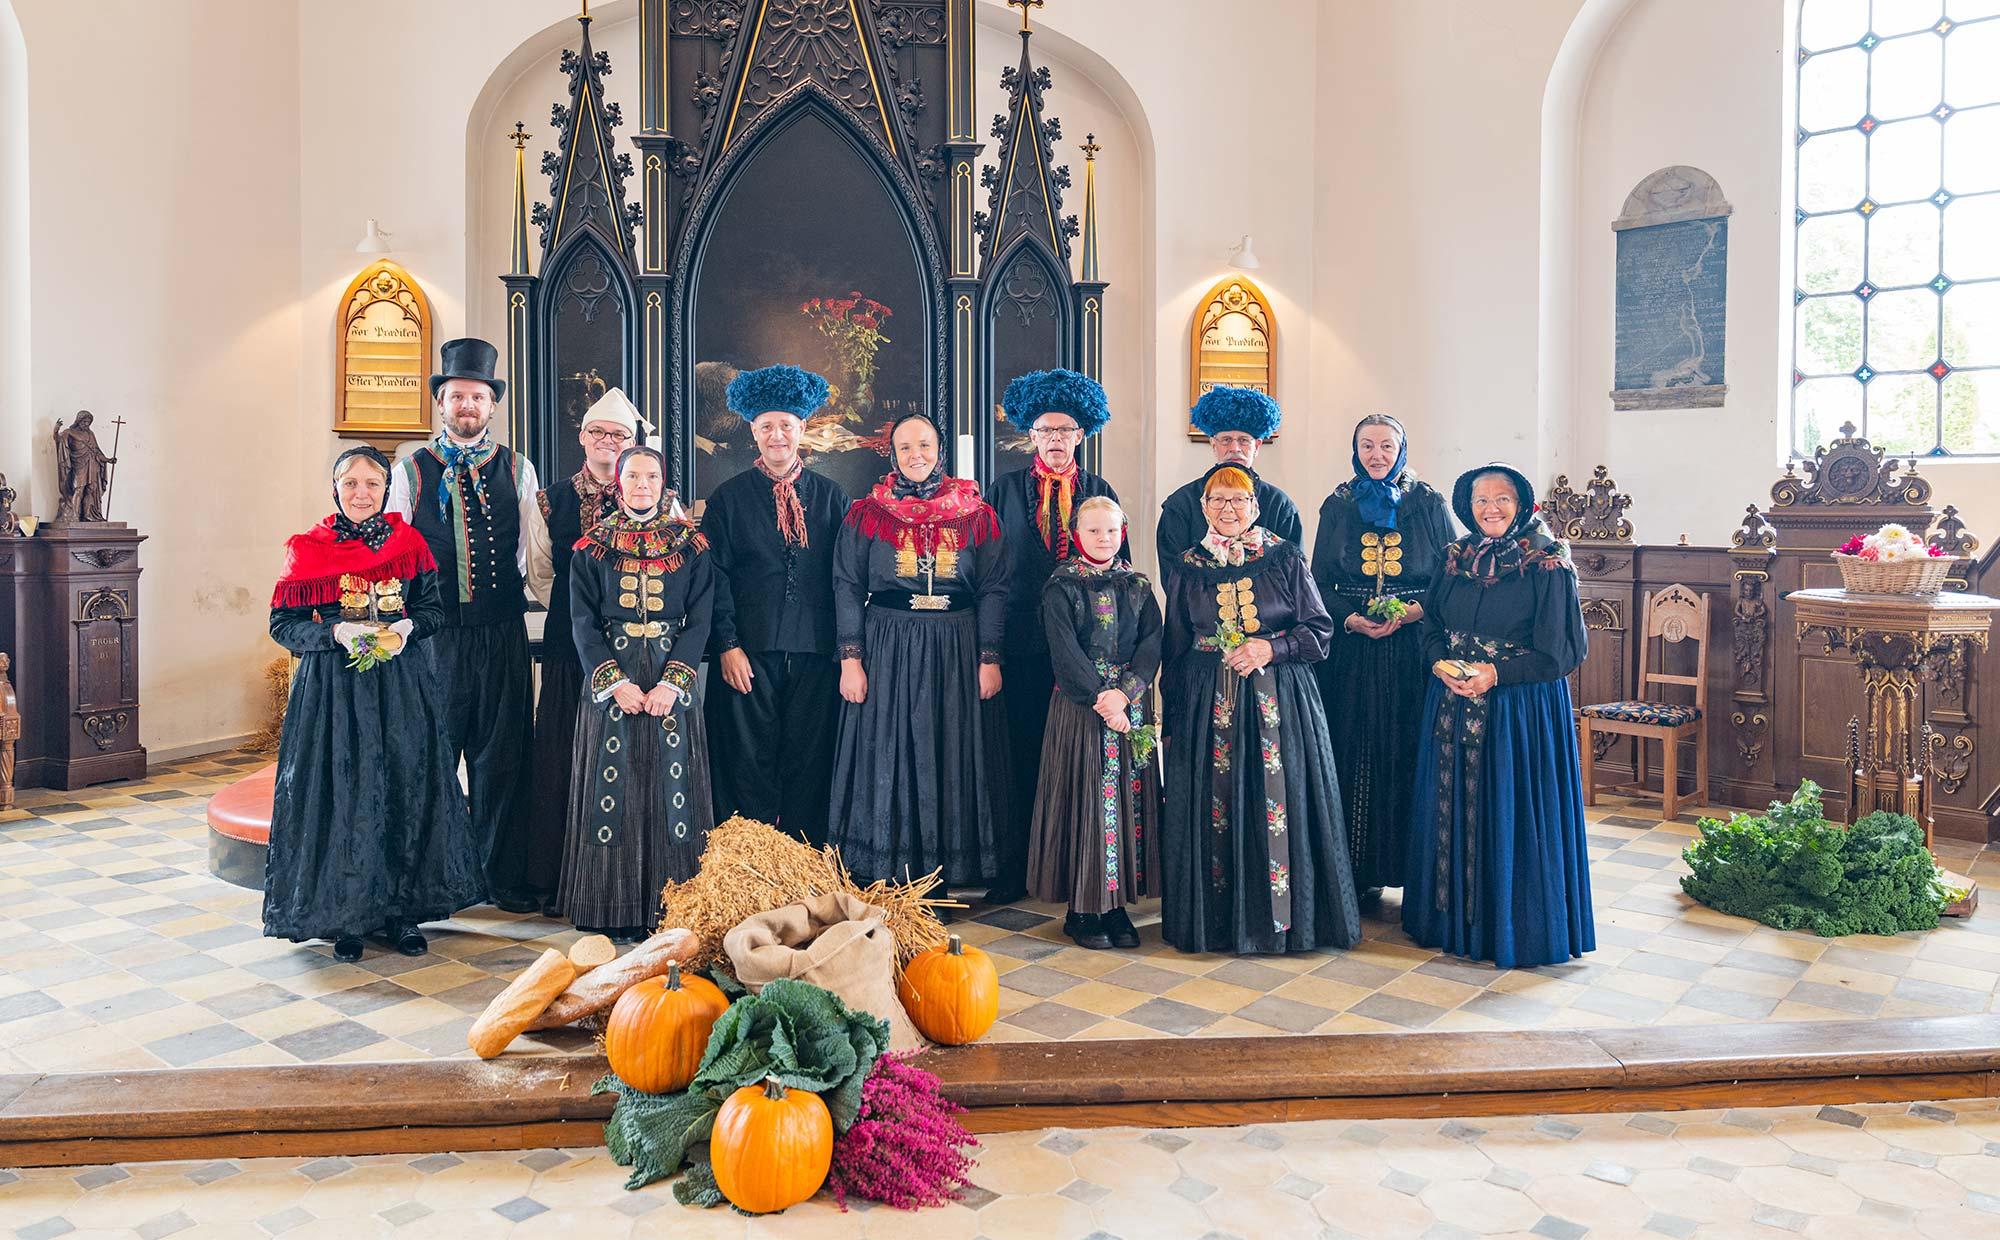 Fra sidste års høstgudstjeneste i St. Magleby Kirke. Arkivfoto: TorbenStender.